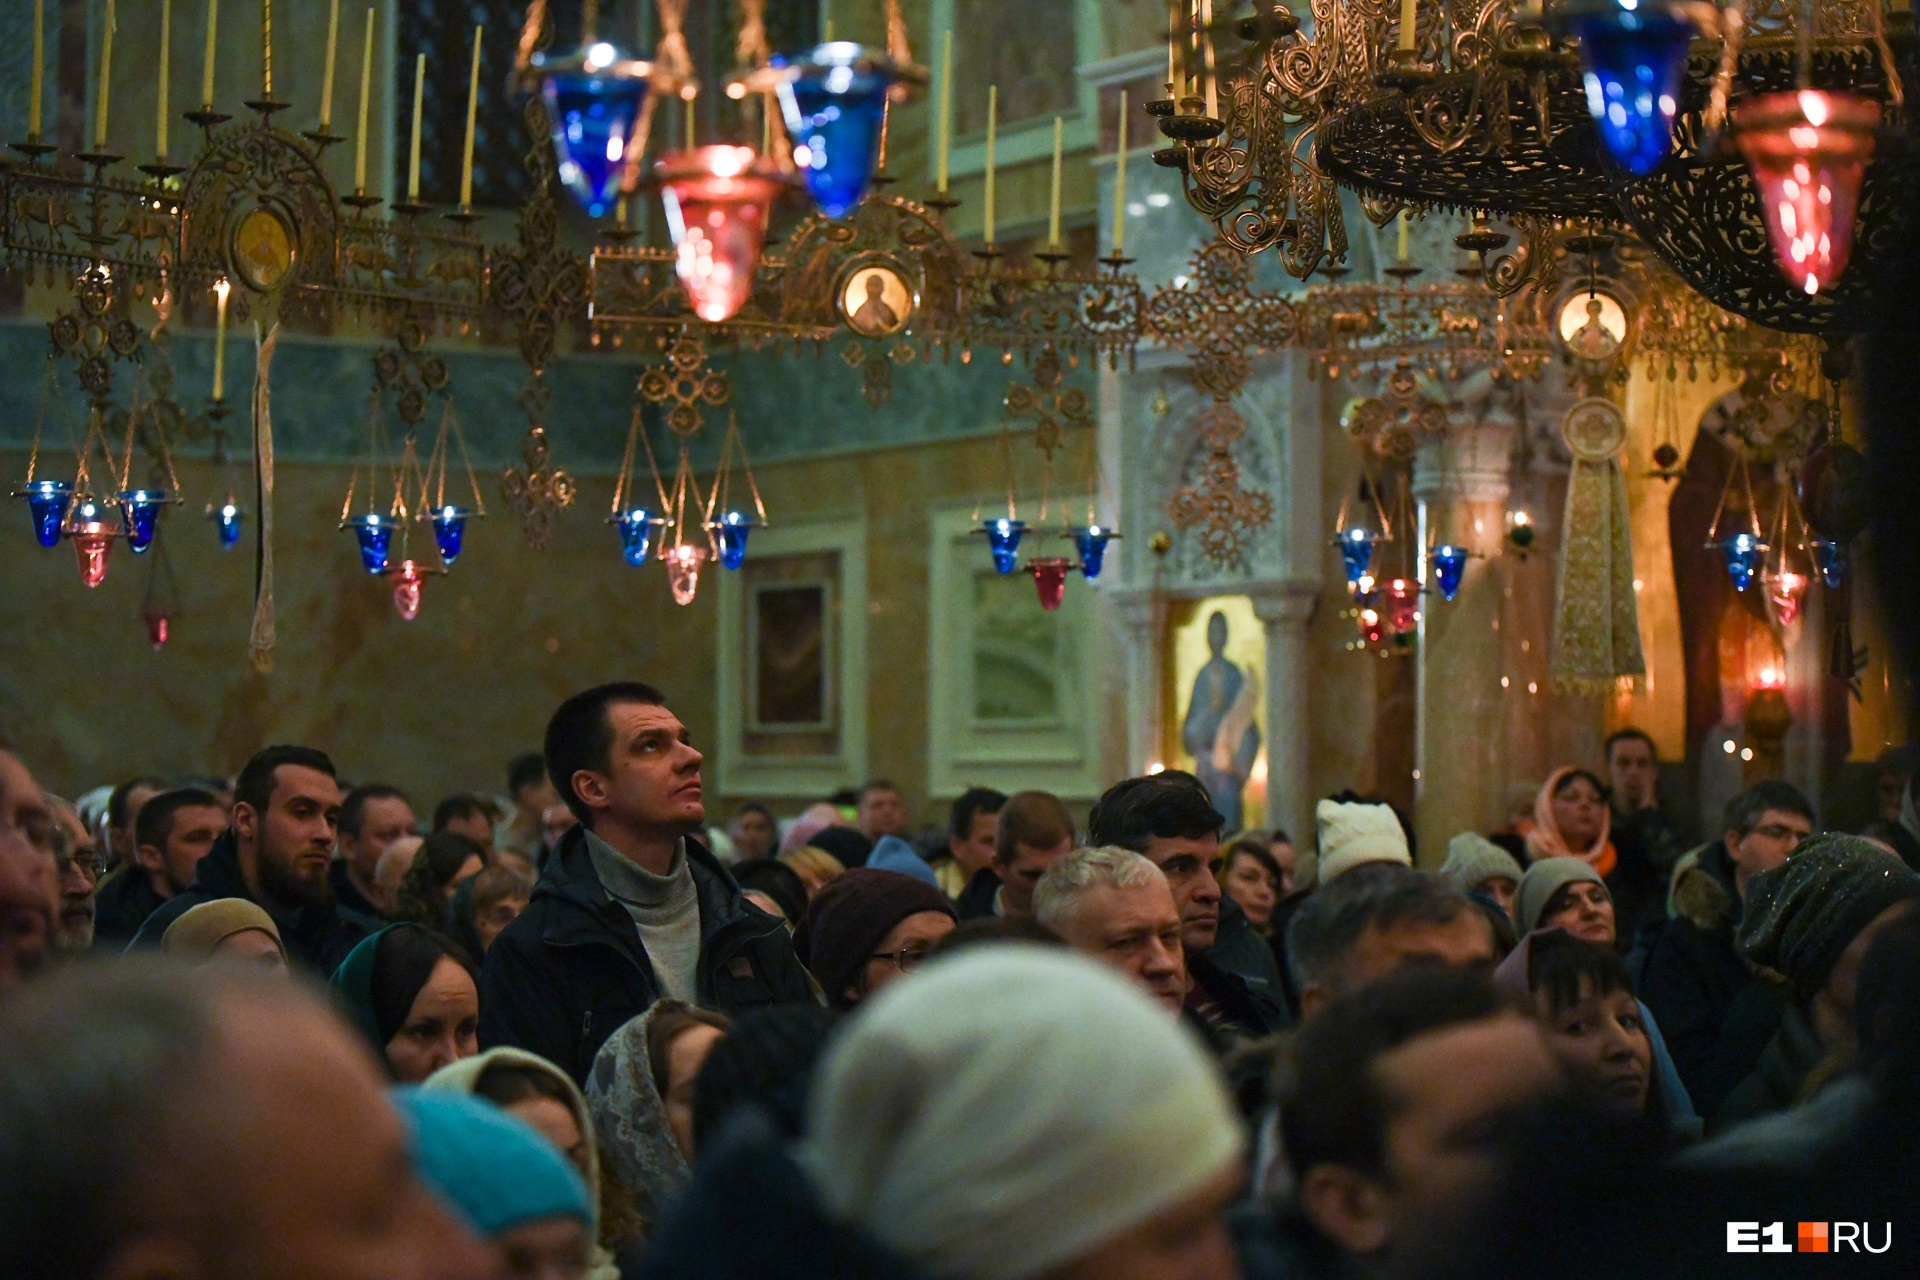 Здесь во время службы храм освещали сотни свечей в разноцветных лампадках